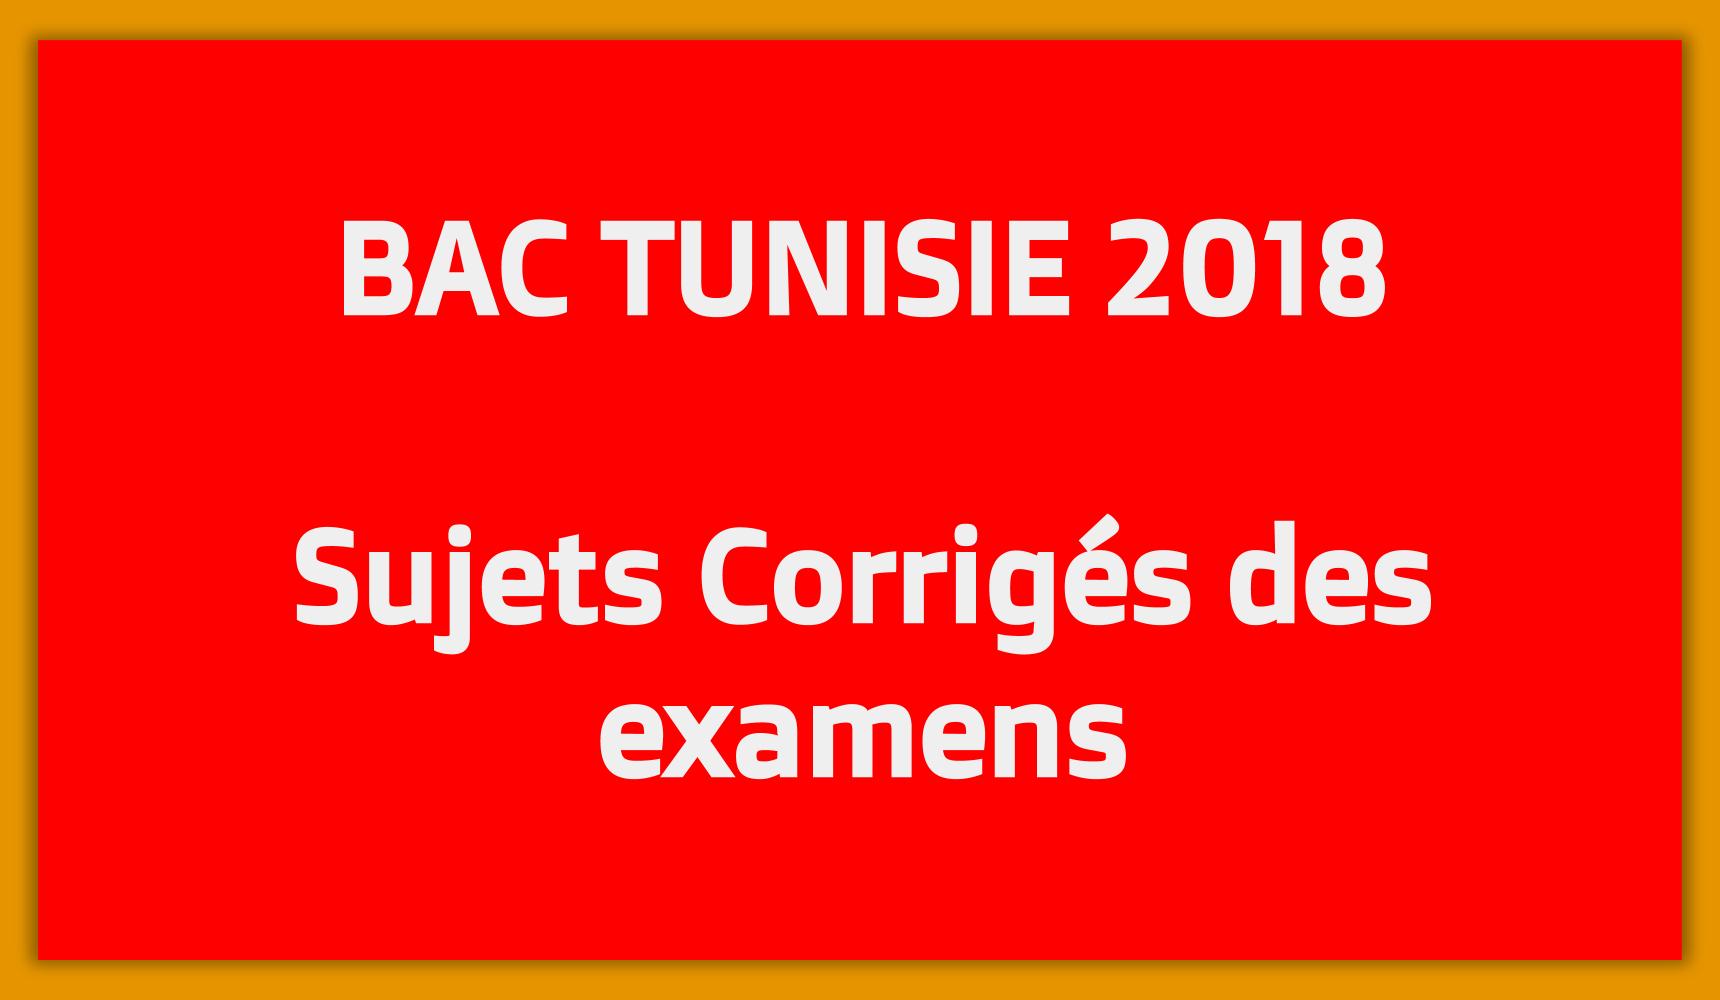 Bac Tunisie 2018 - Télécharger Sujets Corrigés des exercices du Bac Tunisie en PDF